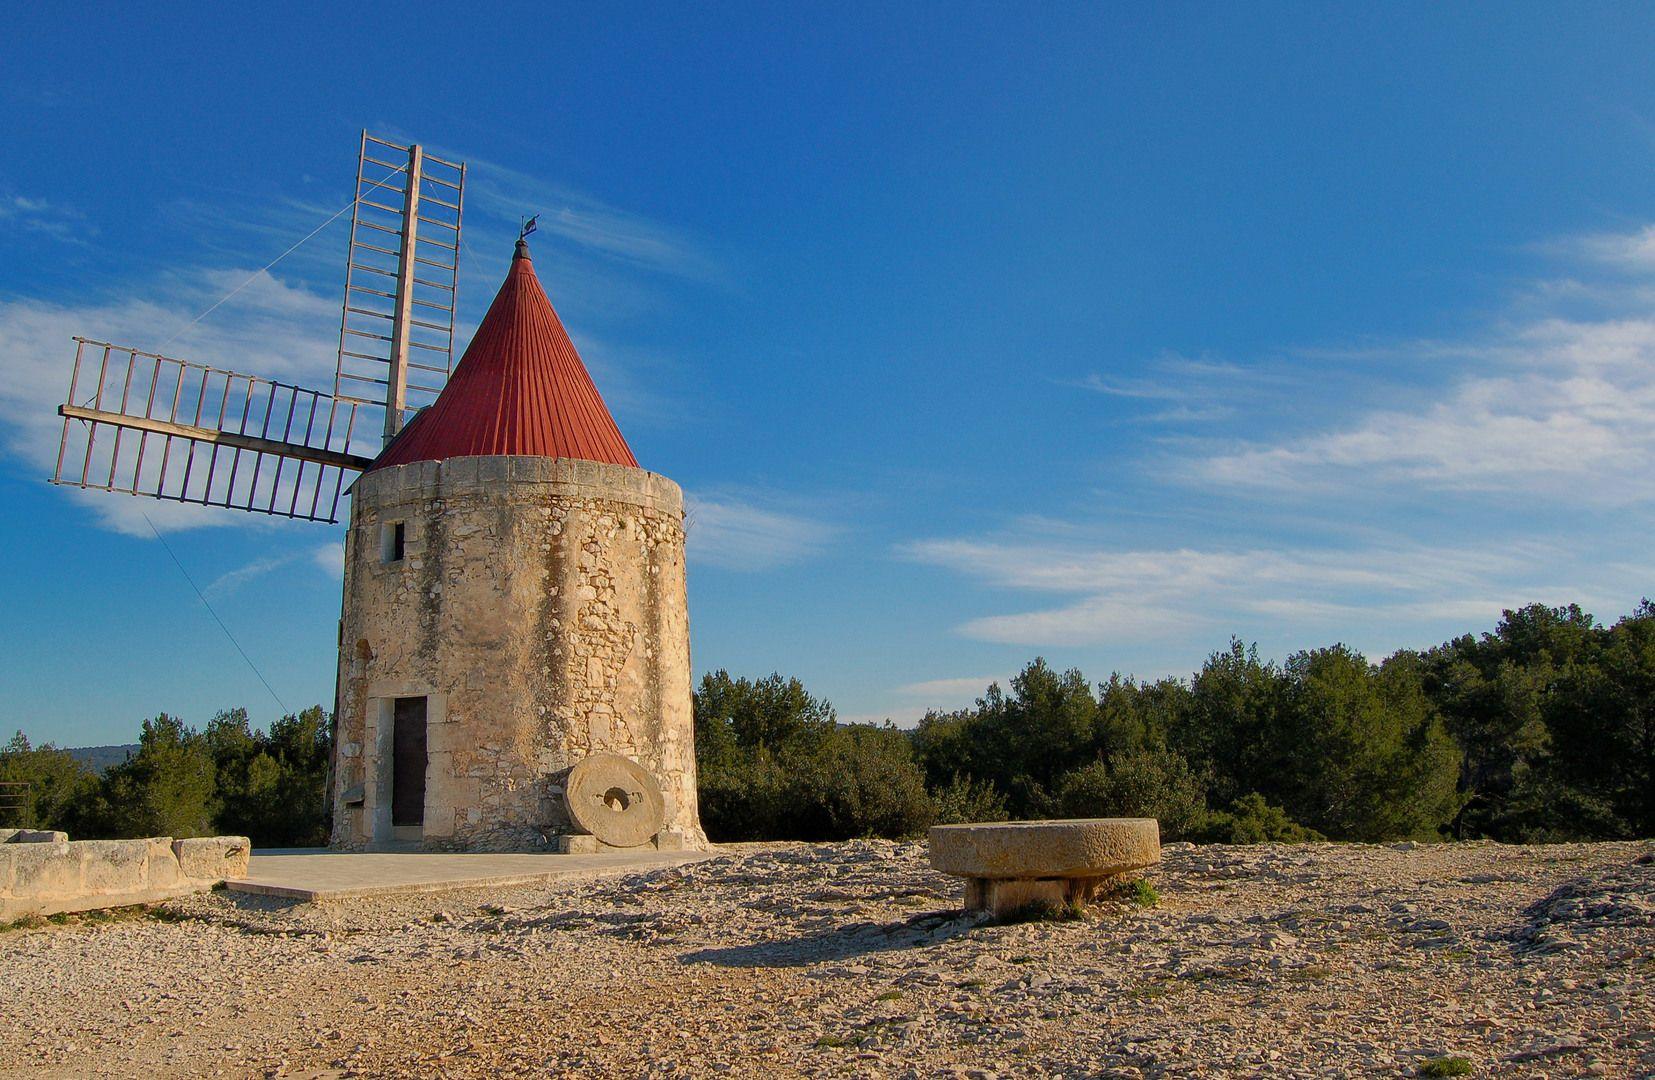 Le moulin daudet fontvieille bouches du rh ne france for Ca bouche du rhone